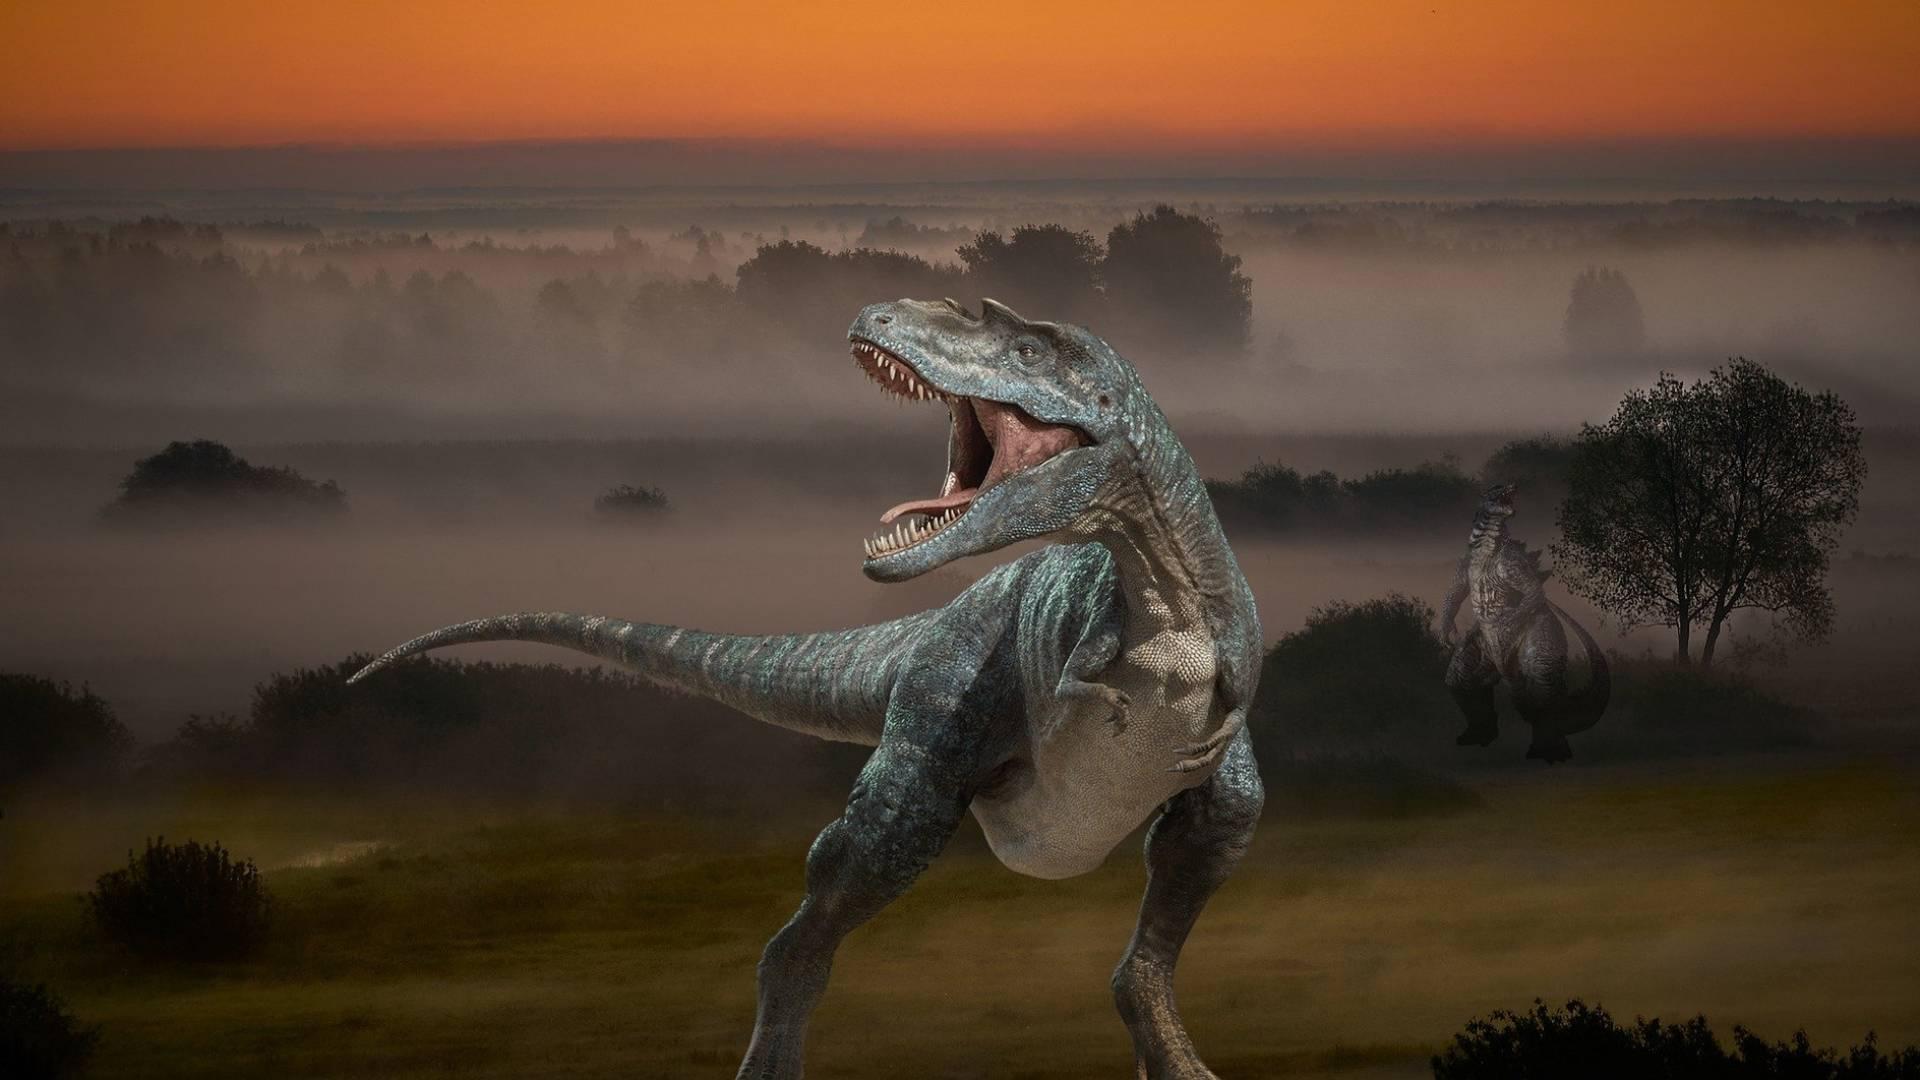 Tyrannosauriden kein Platz für andere Raubtiere